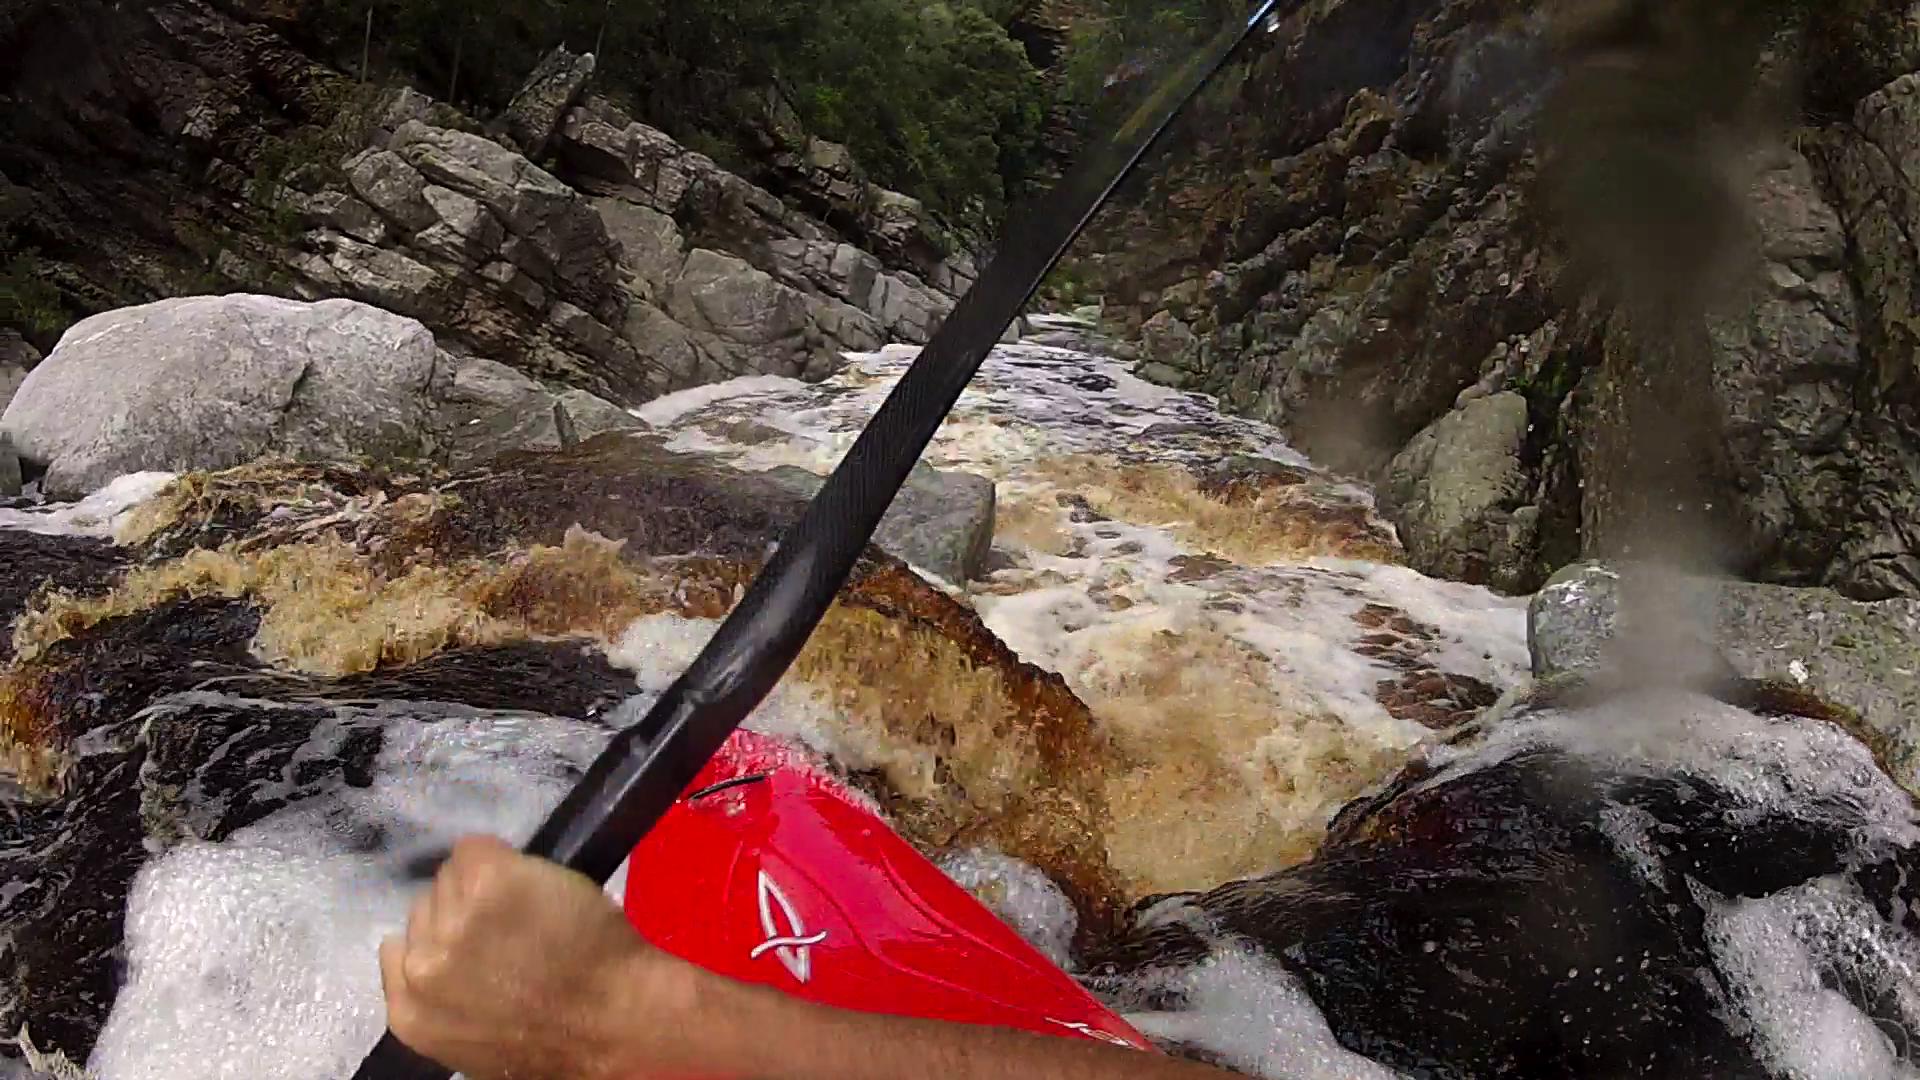 Kaaimans kayaking